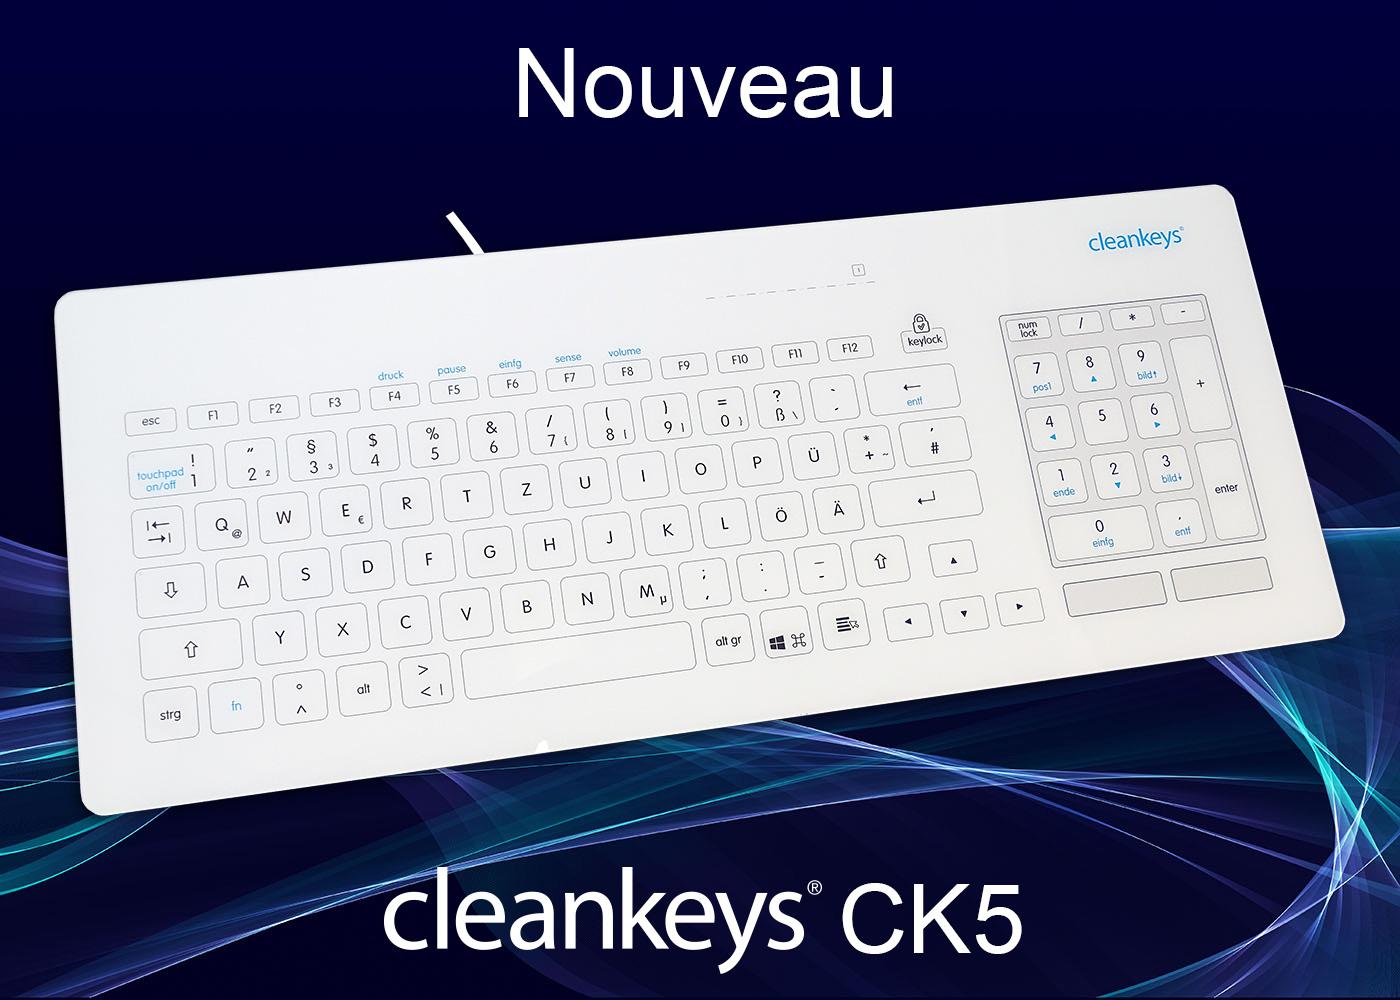 Clavier cleankeys®CK5 filaire – Esthétique et compact